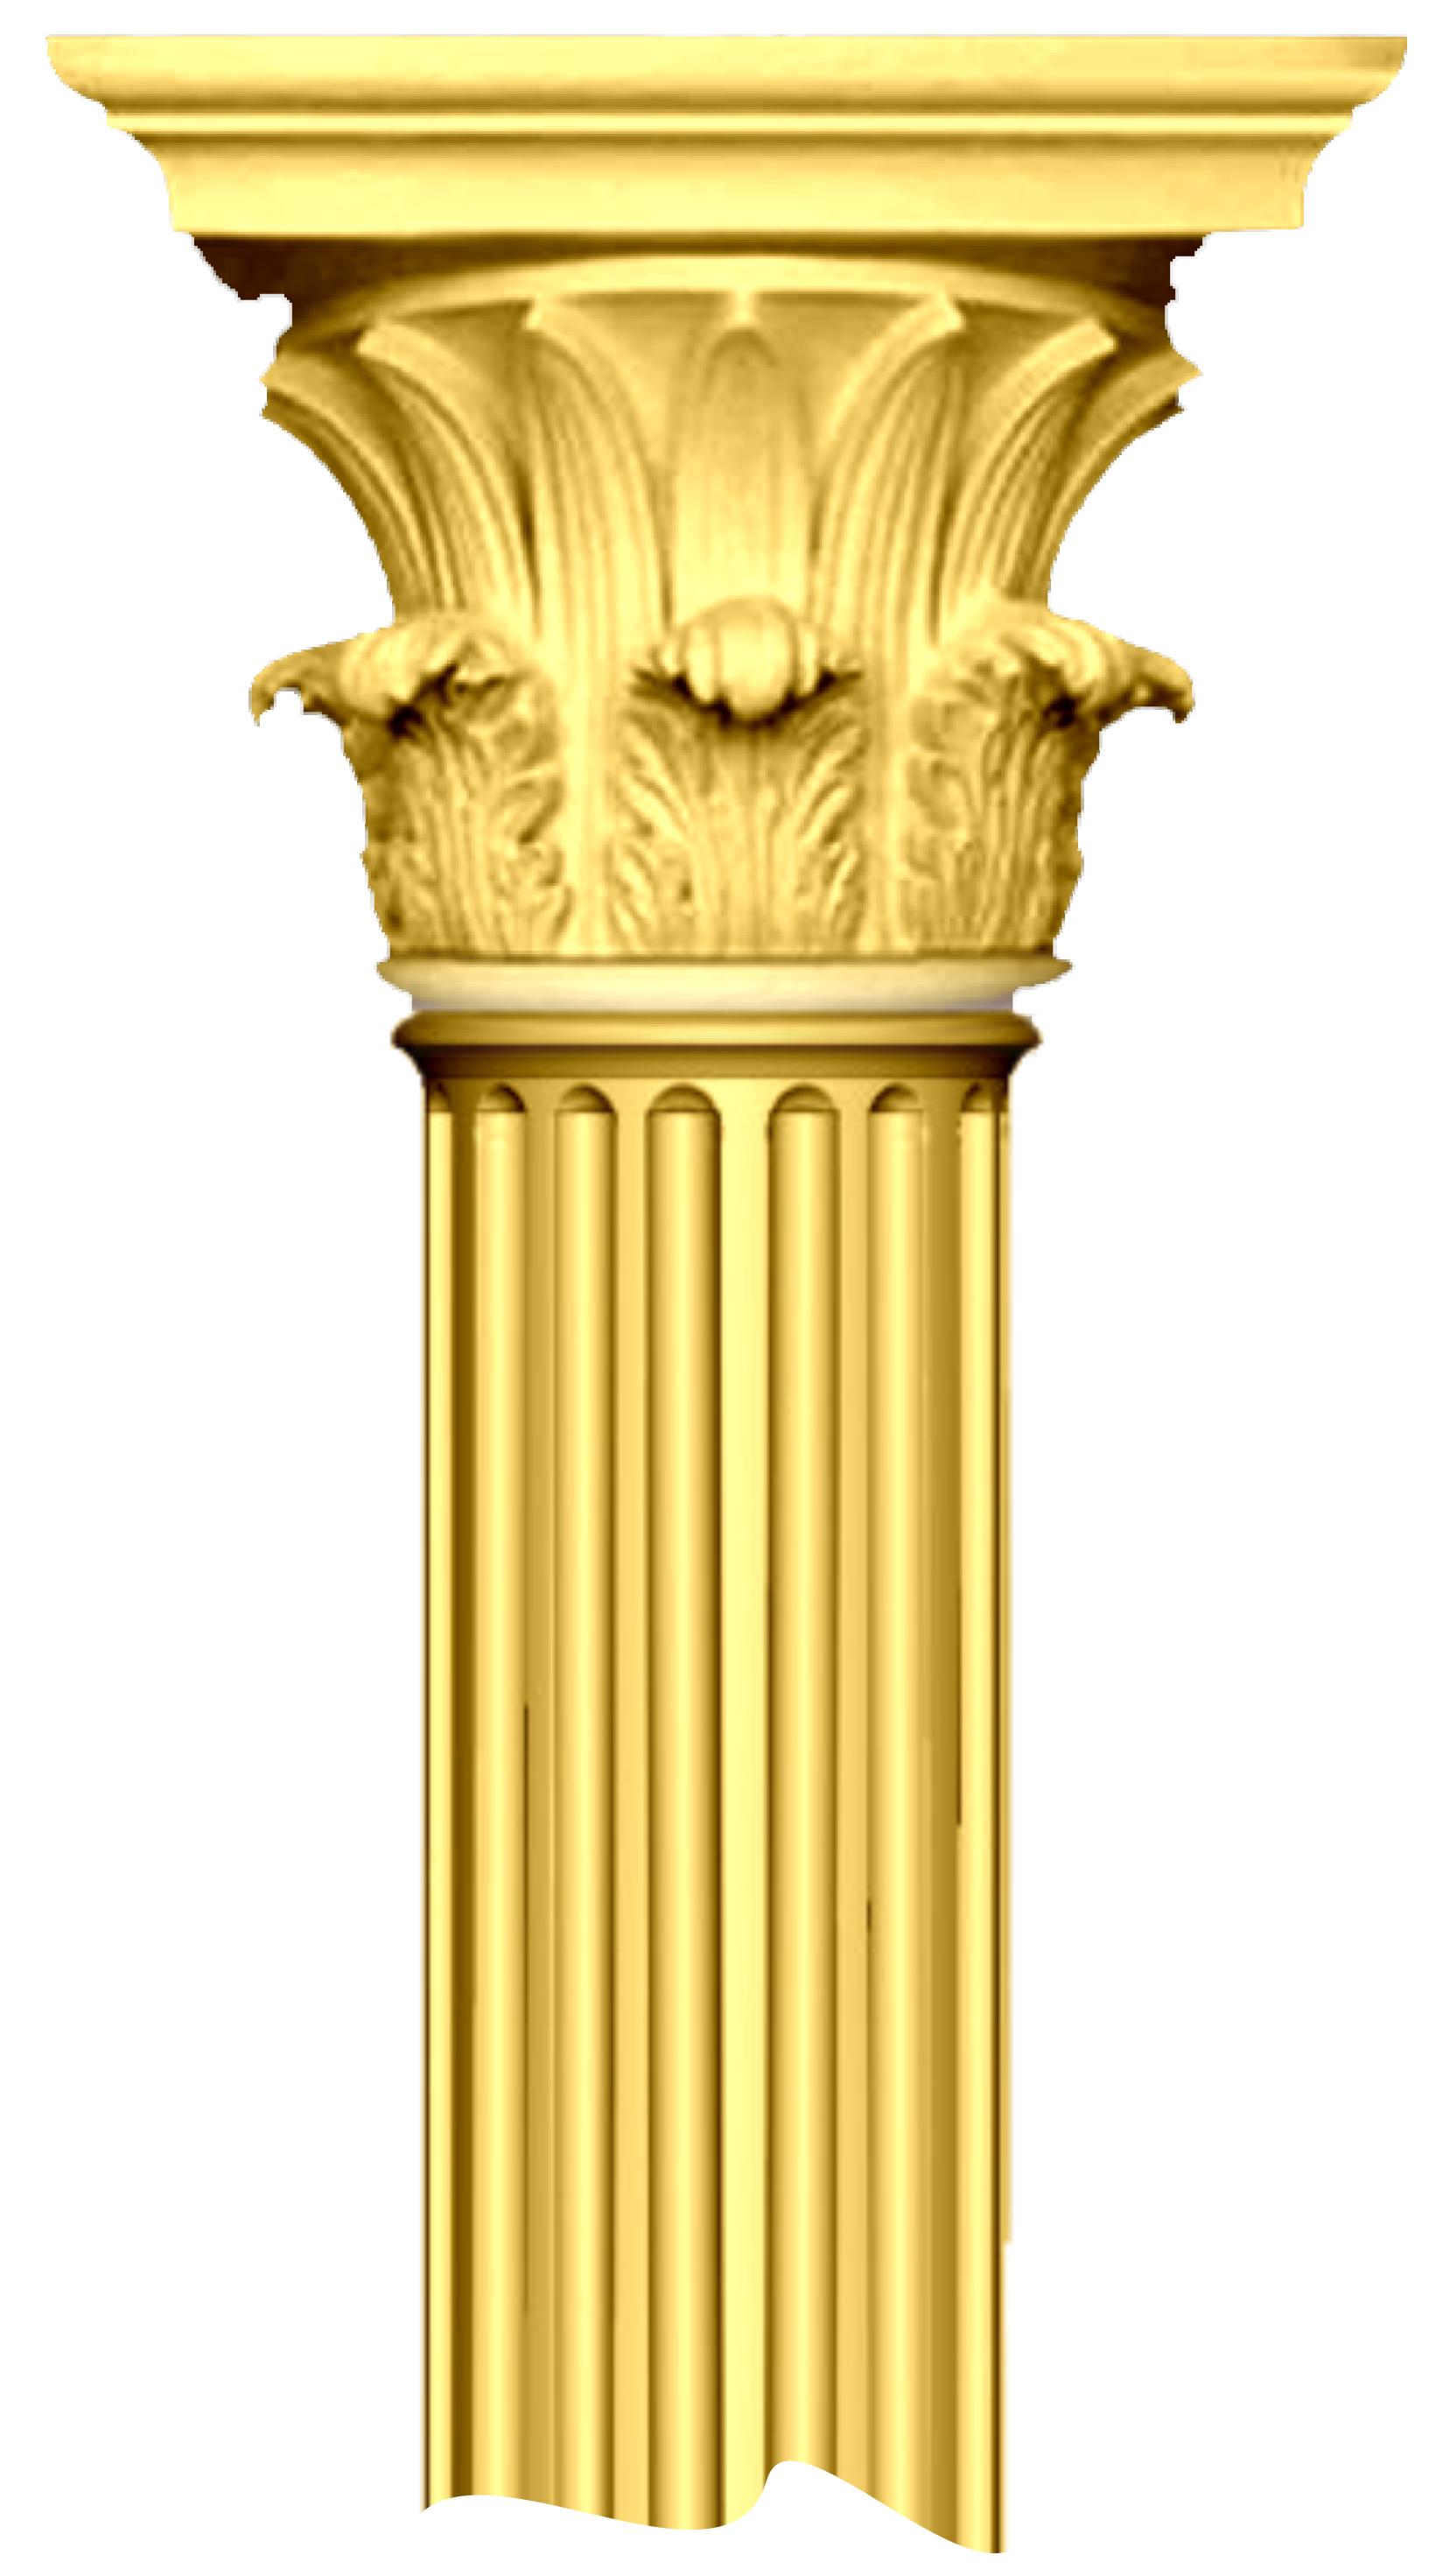 Broken Column Image